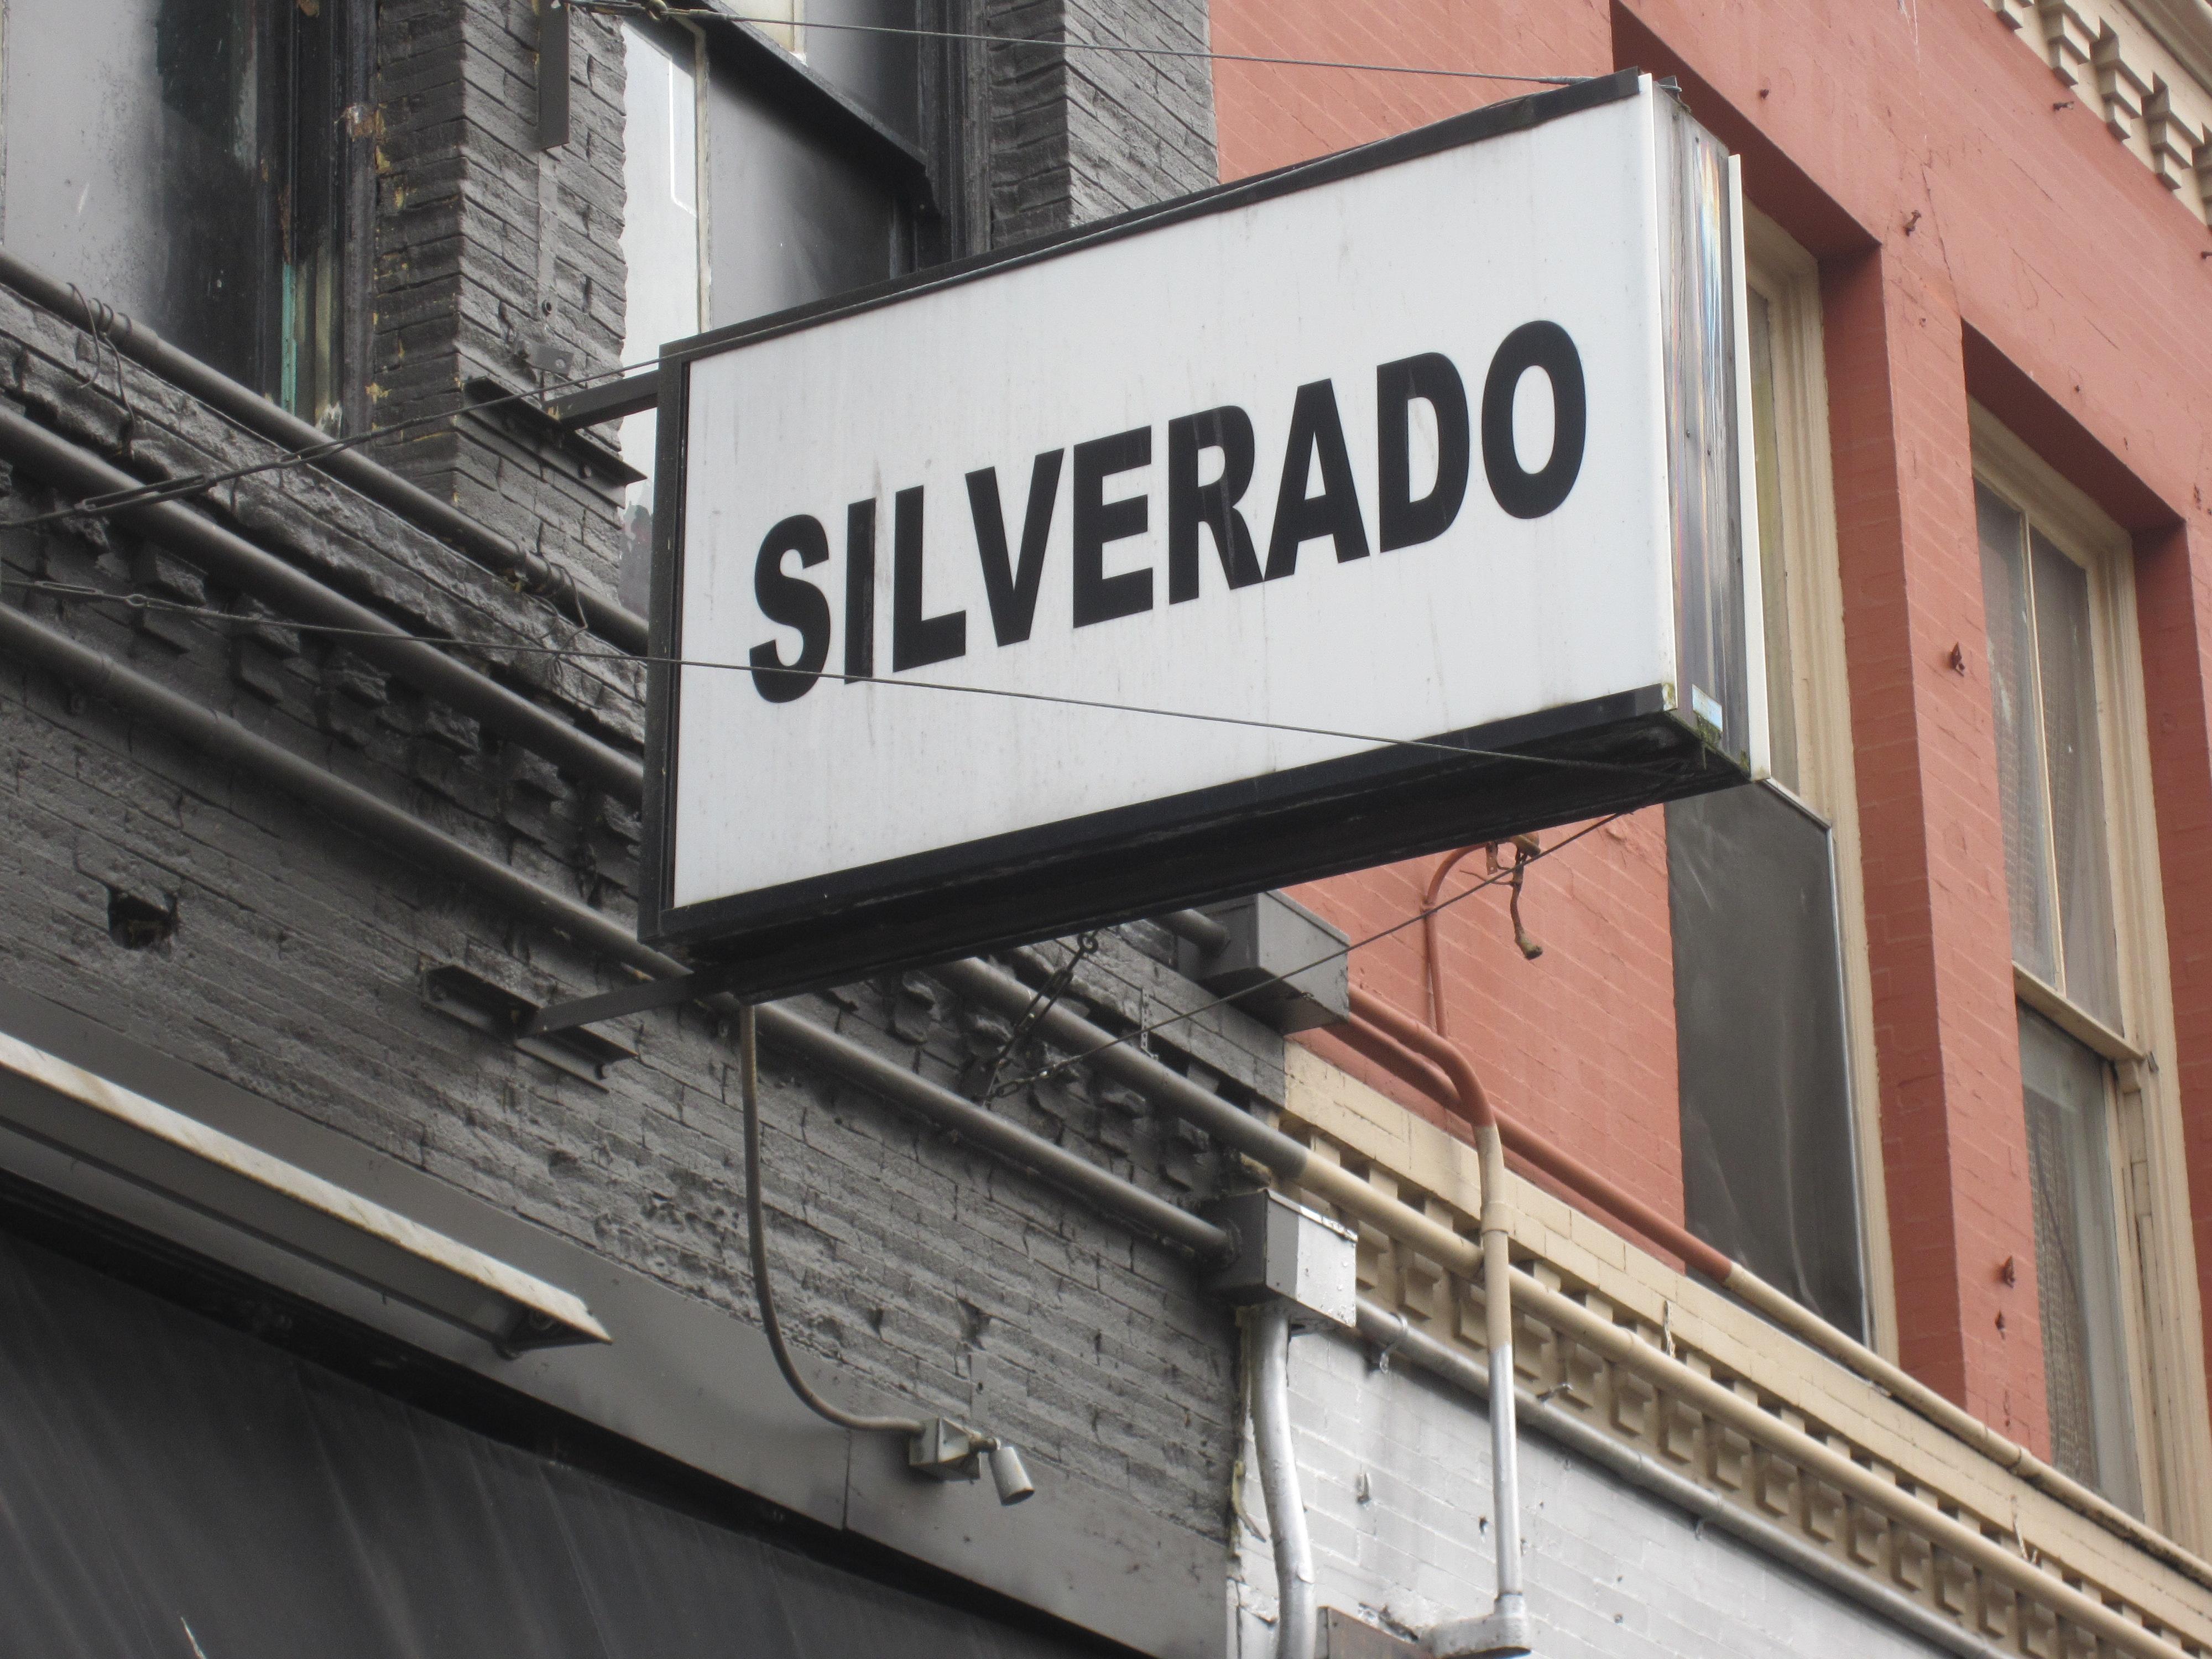 from Manuel silverado gay club